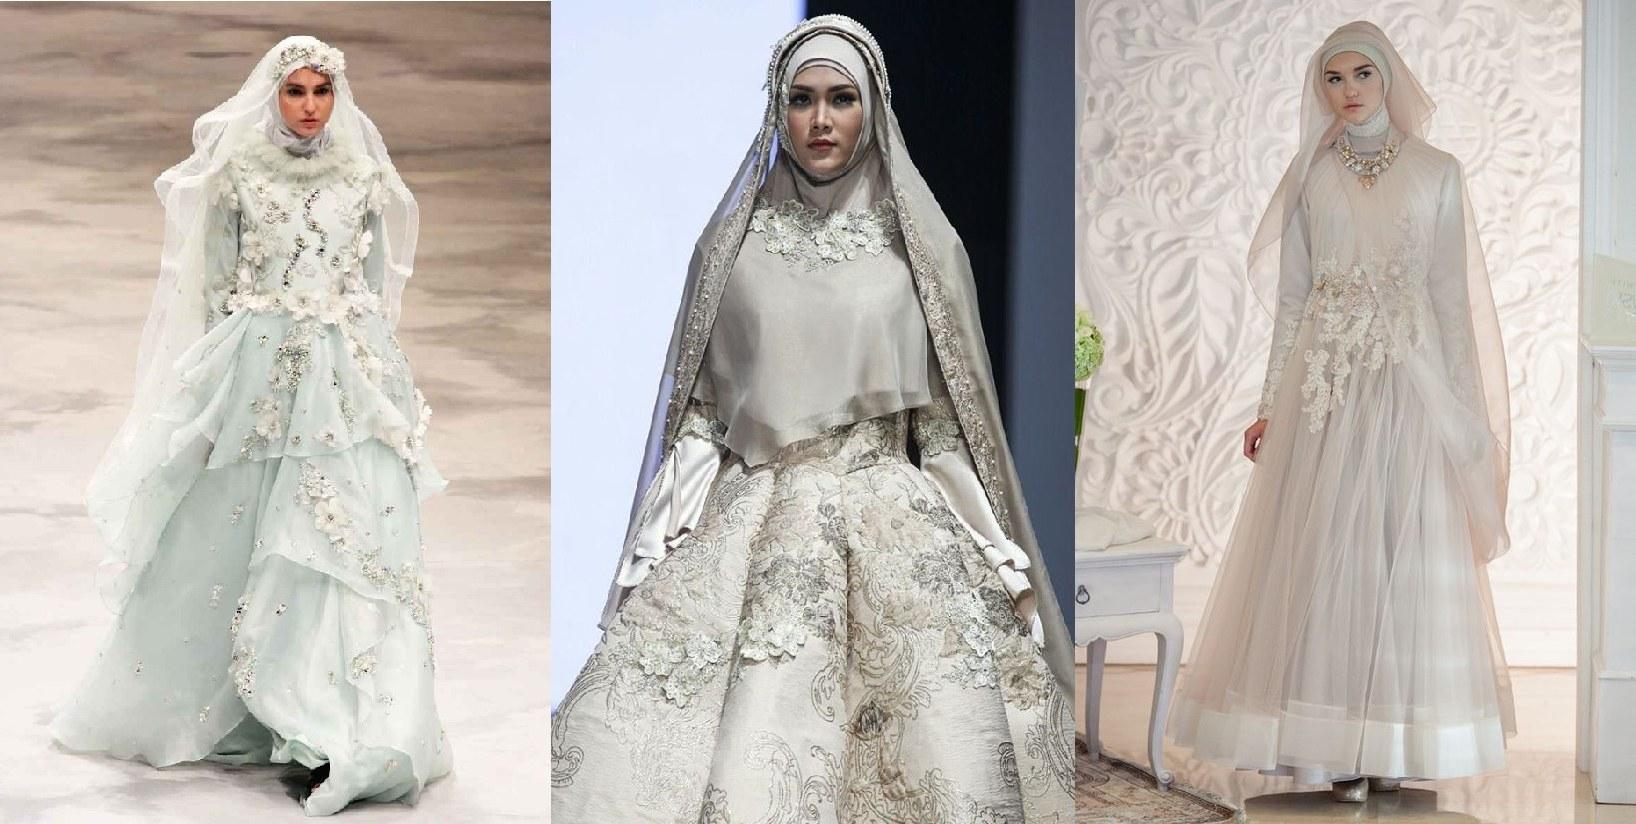 Bentuk Gaun Pernikahan Muslimah Syar'i 3ldq Gaun Pengantin Muslim Syar I Inspirasi Pernikahan